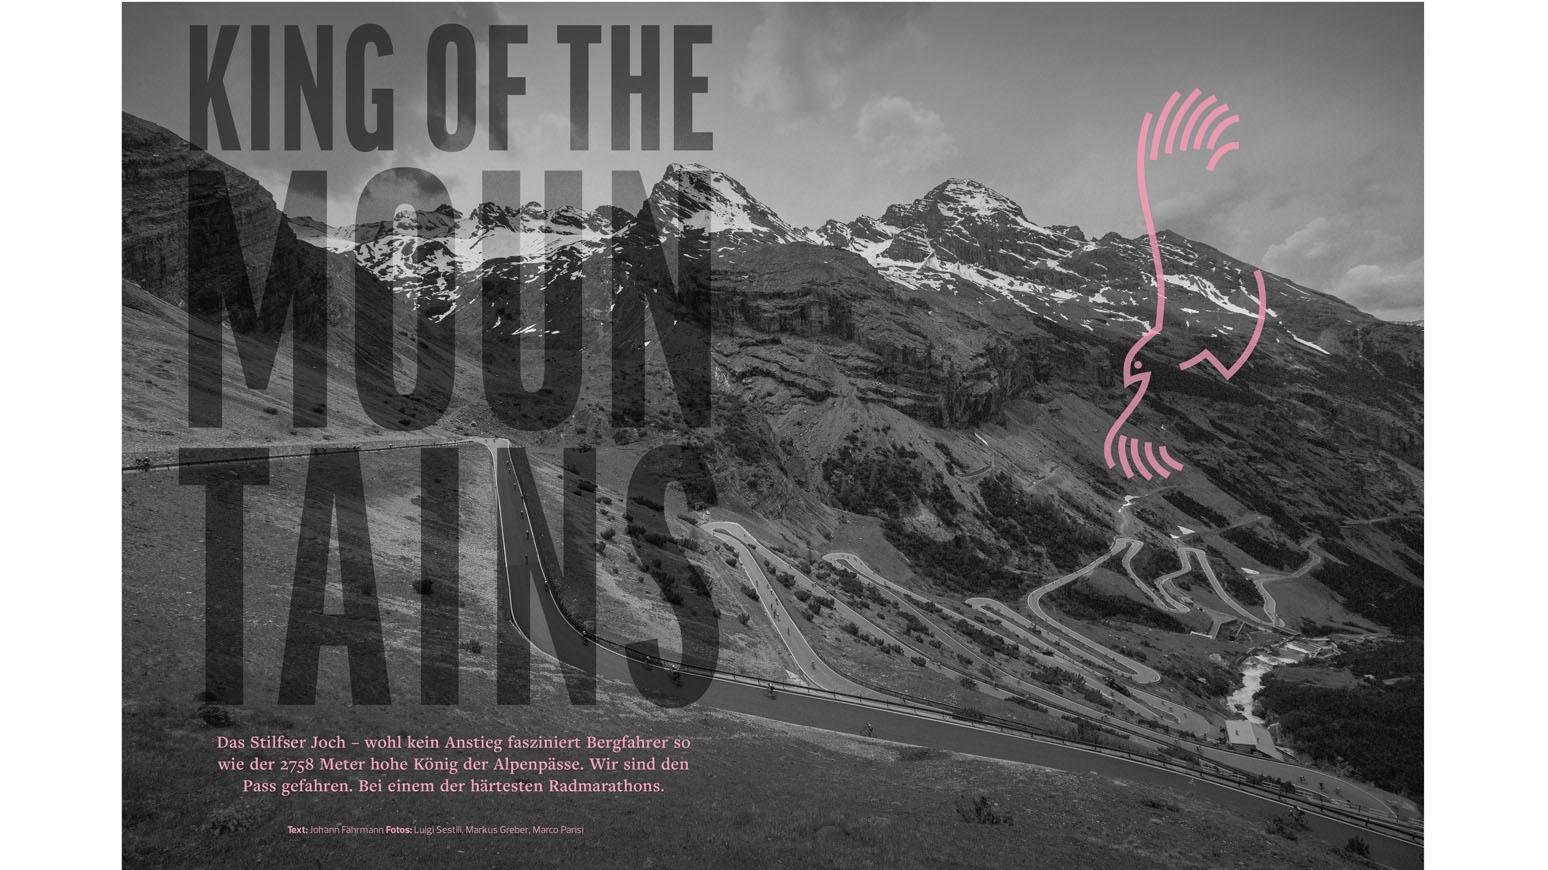 Granfondo Stelvio: Die Reportage vom Radmarathon am legendären Stilfser Joch